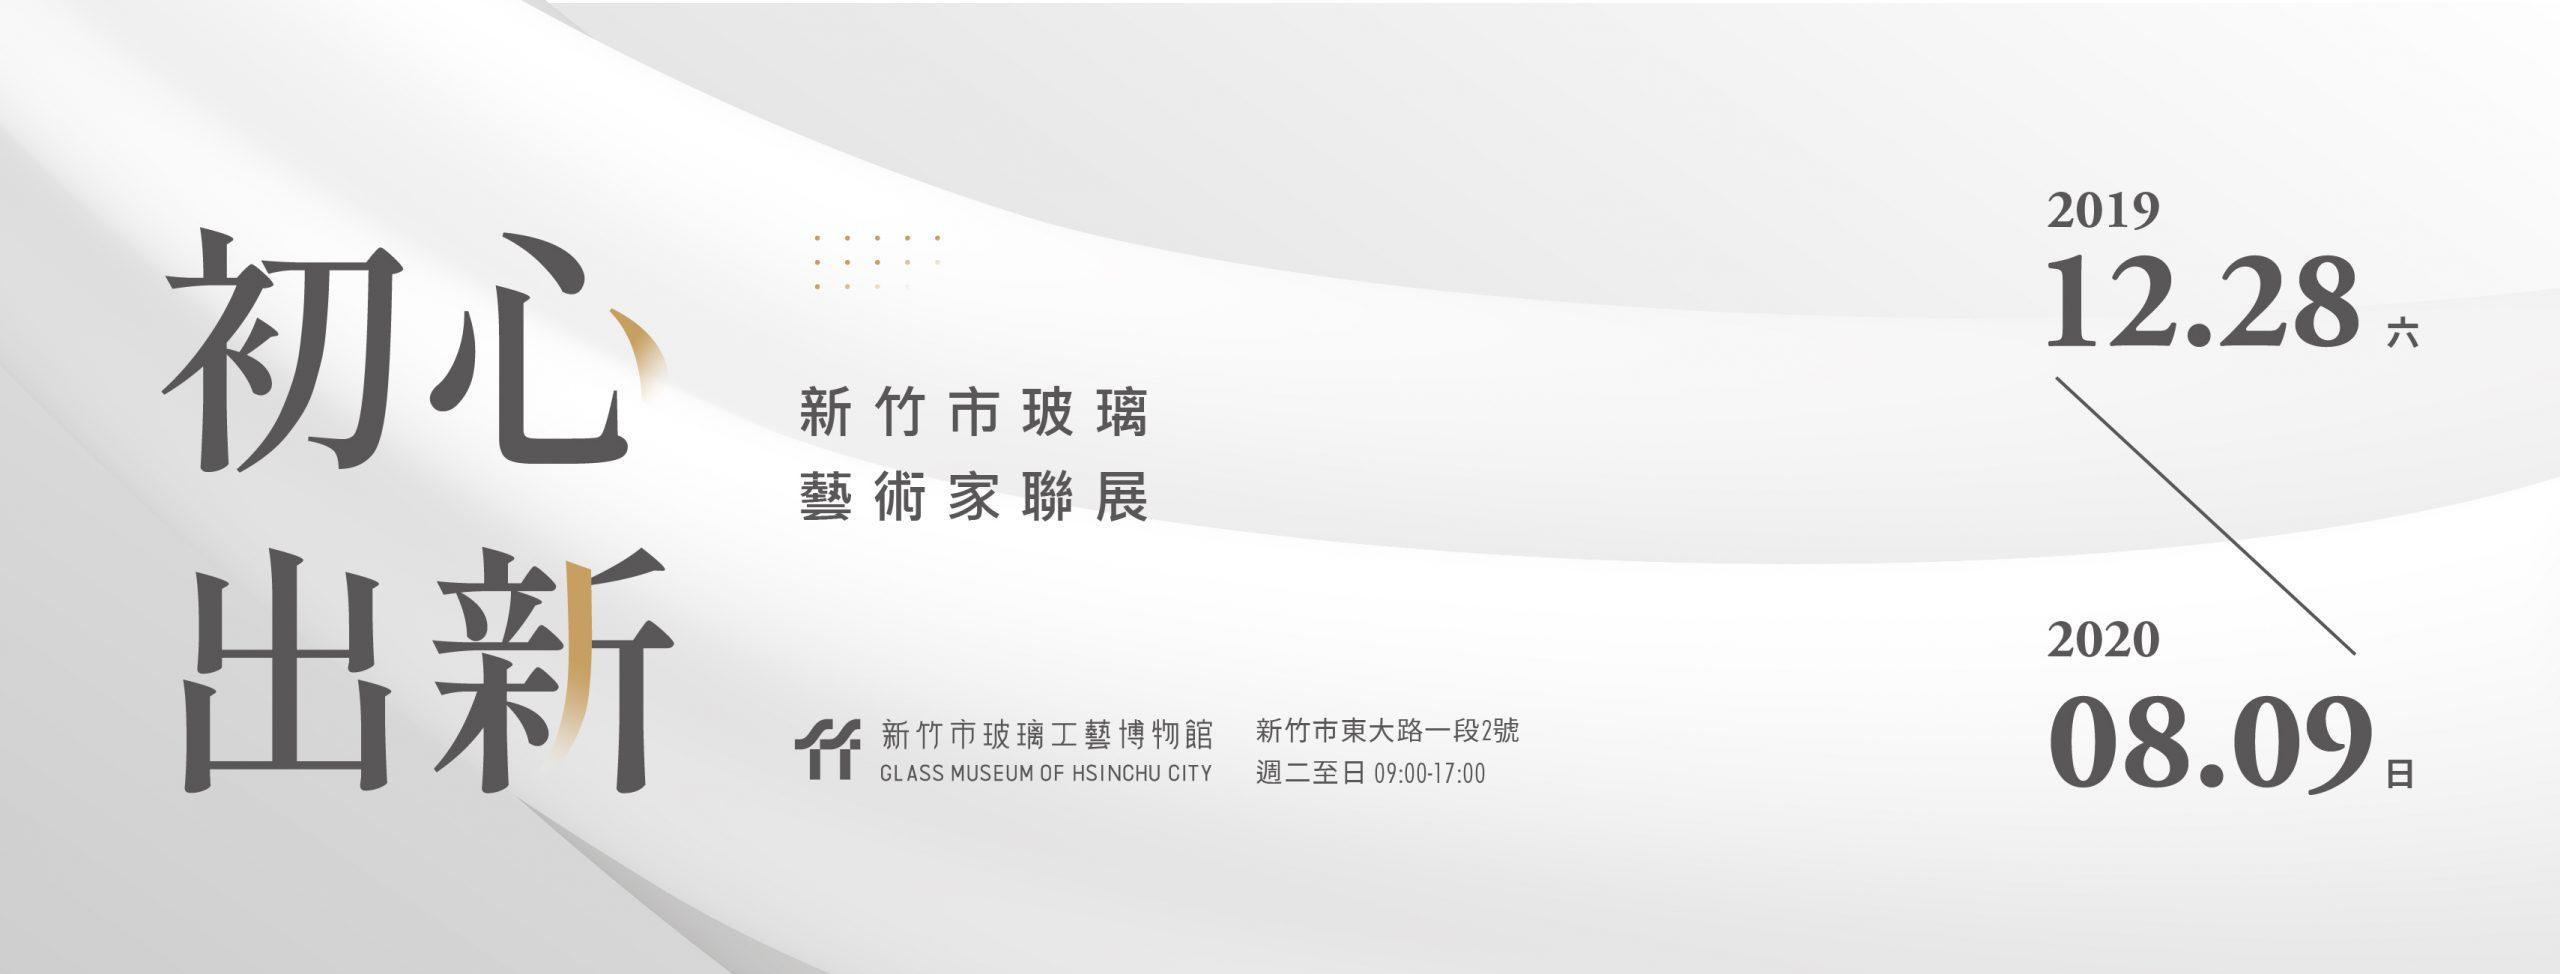 初心.出新2020新竹市玻璃藝術家聯展